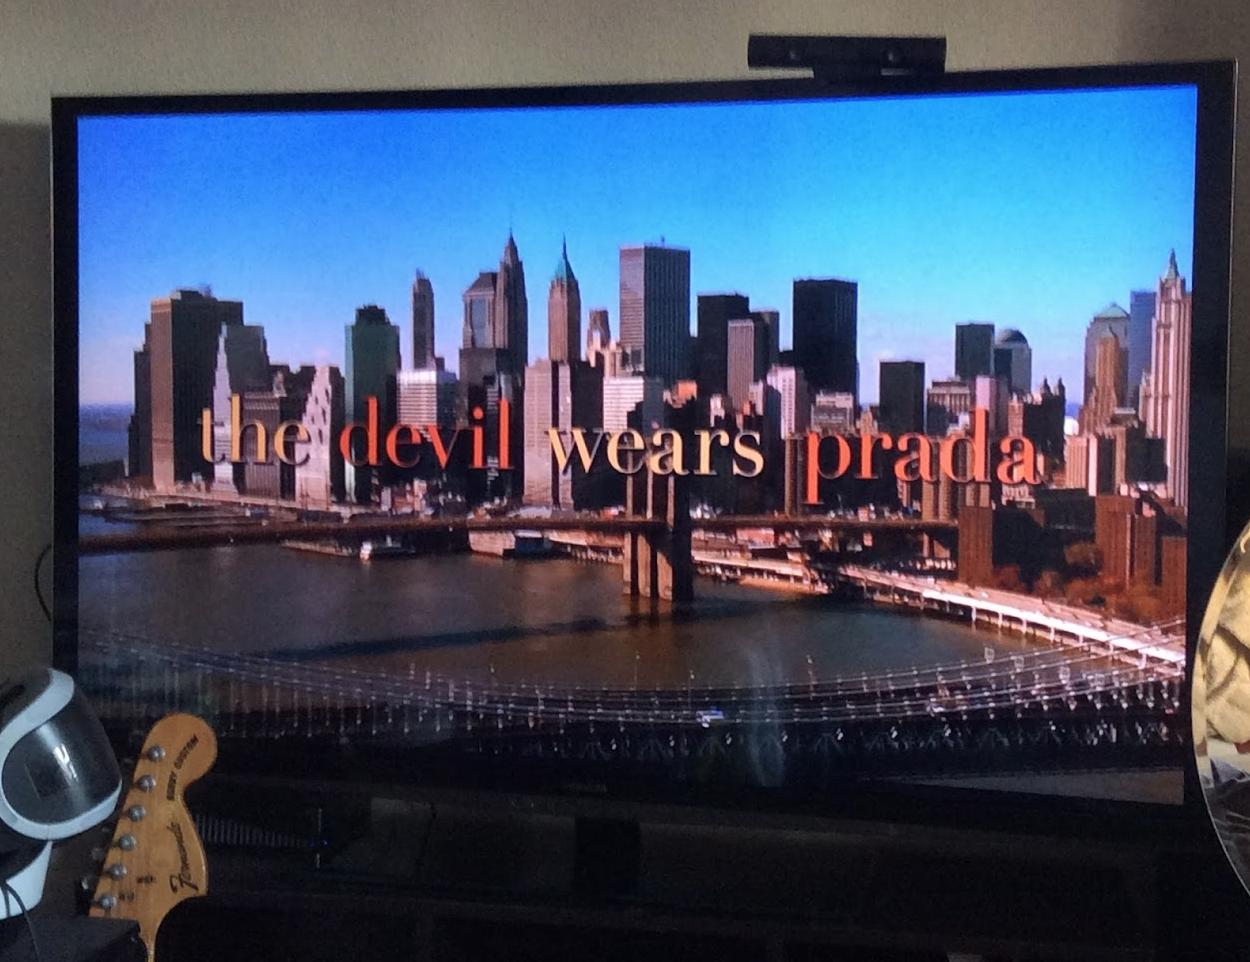 英語学習の流し聴きにはラブロマンス映画がオススメ♡「プラダを着た悪魔」 24